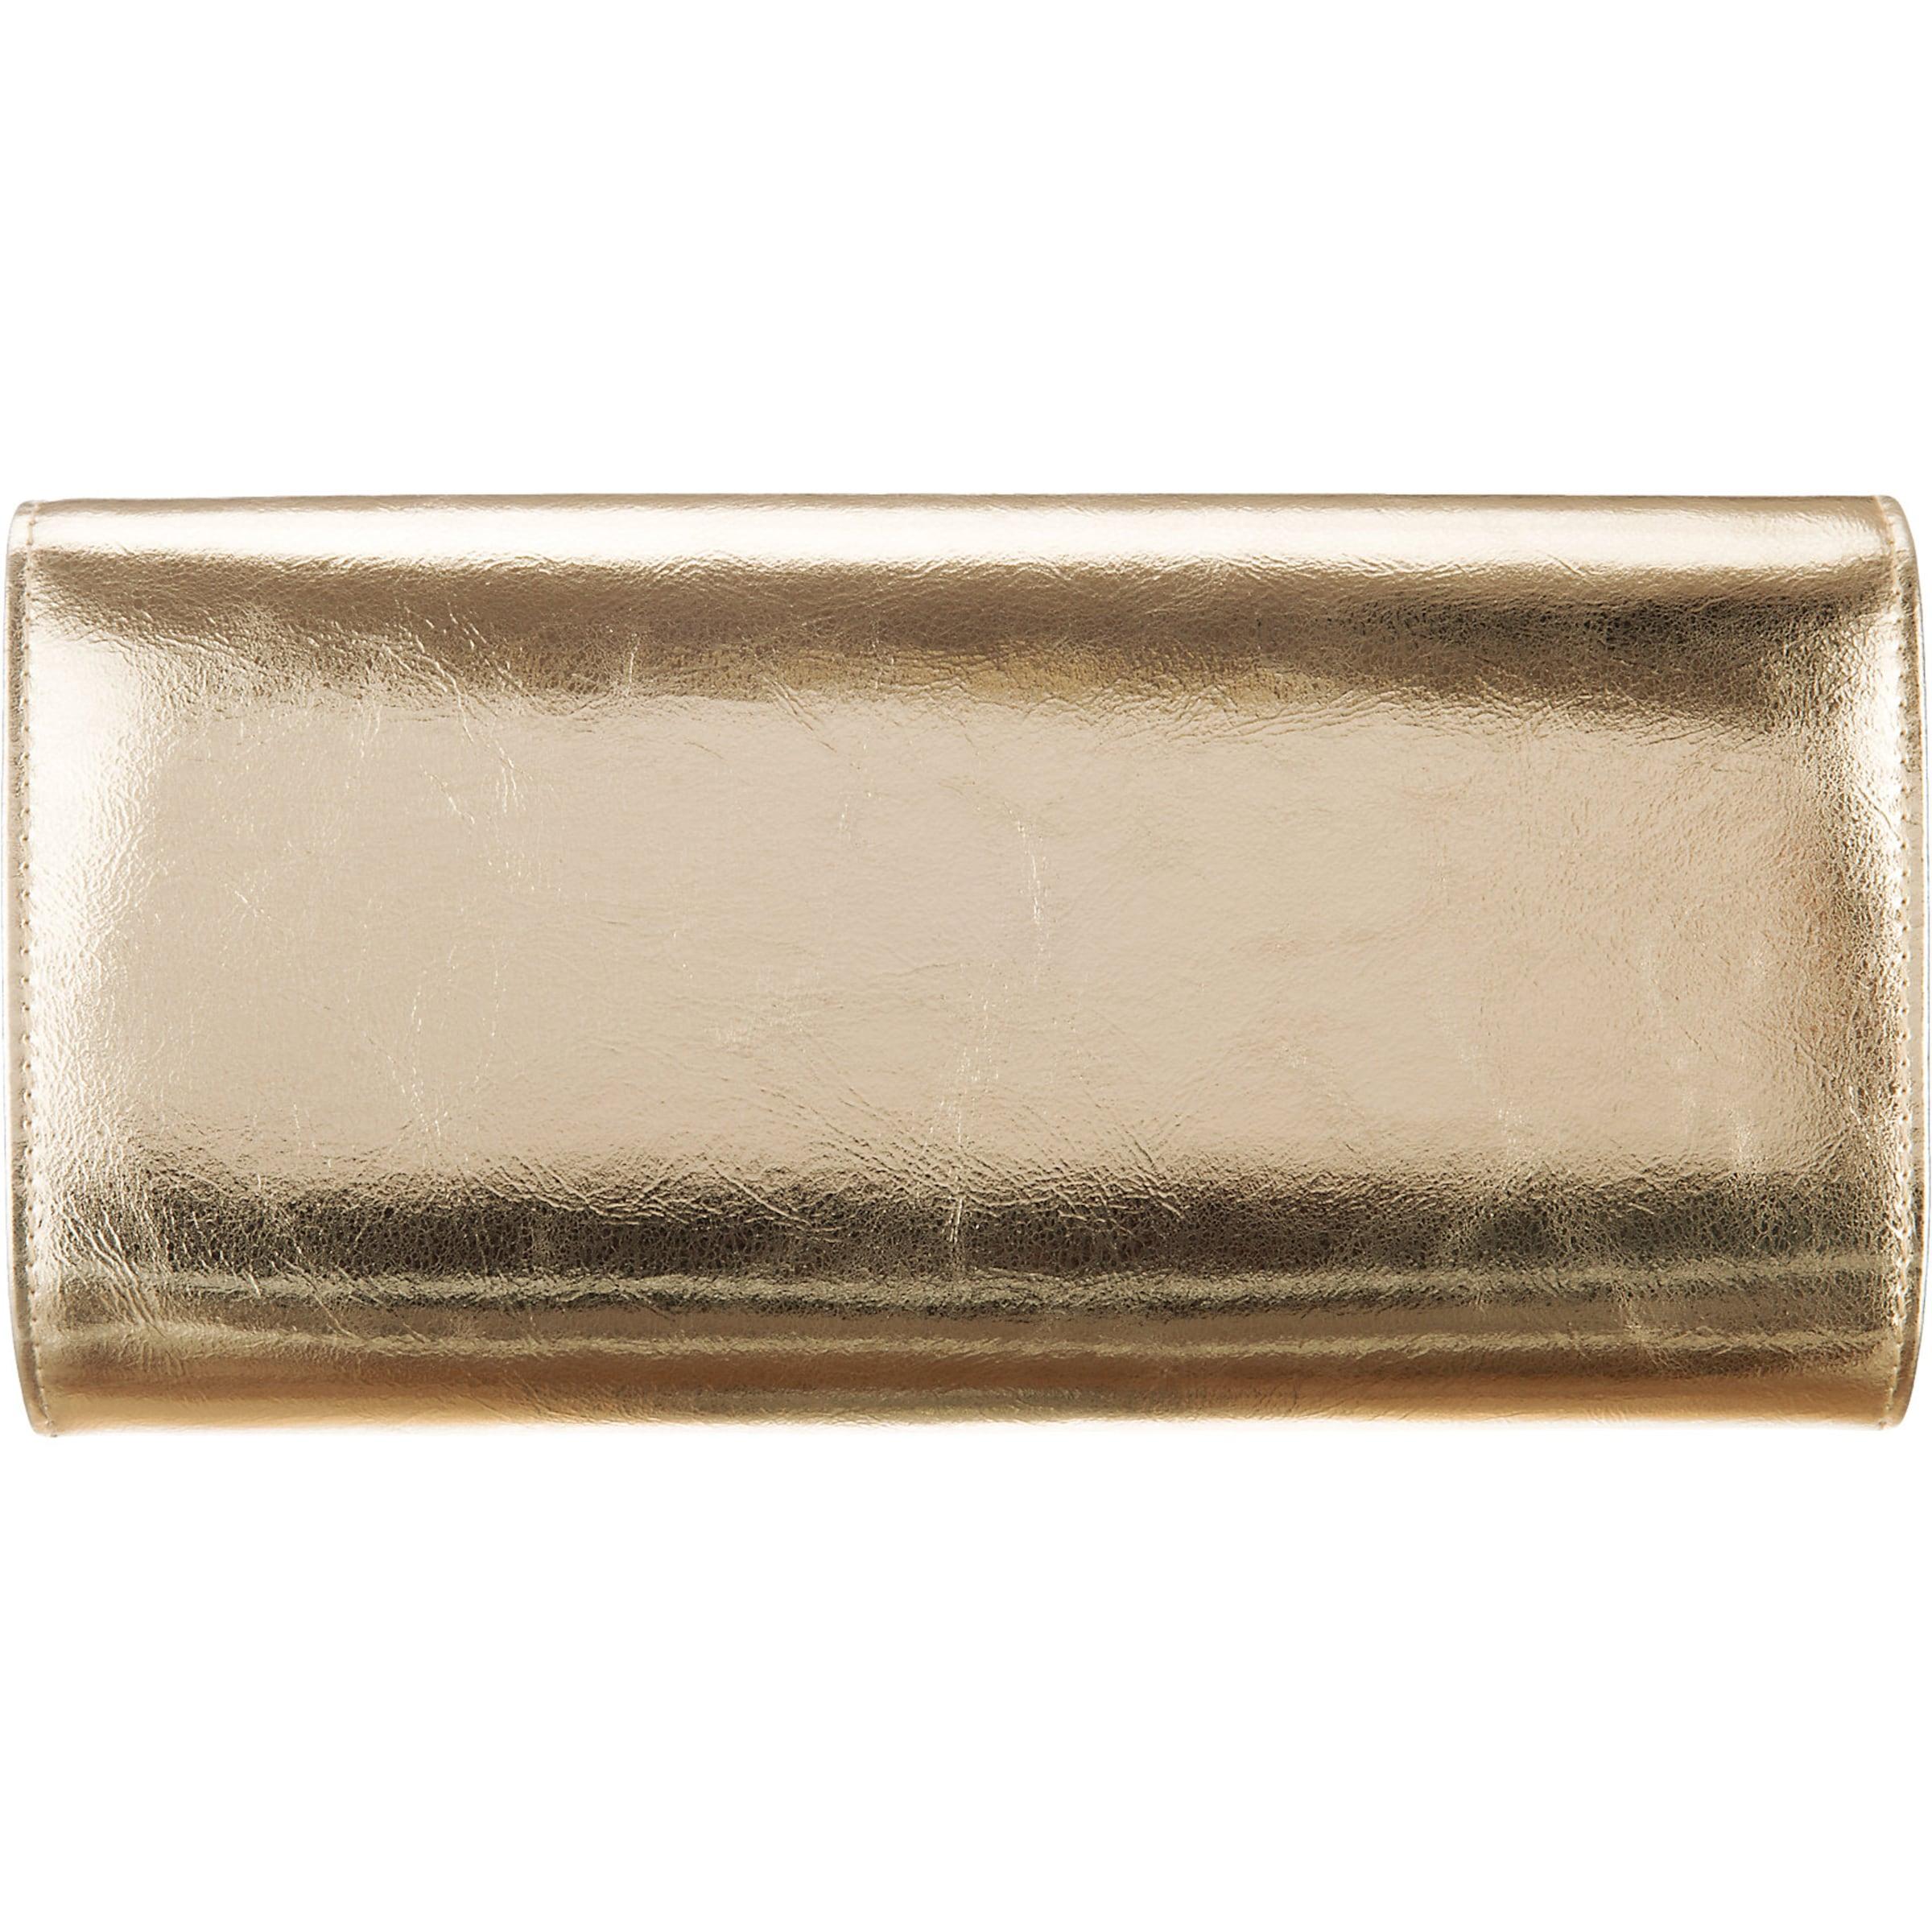 In Gold Buffalo Gold Clutch Clutch In In Buffalo Clutch Buffalo Gold Buffalo eEIb2YDHW9